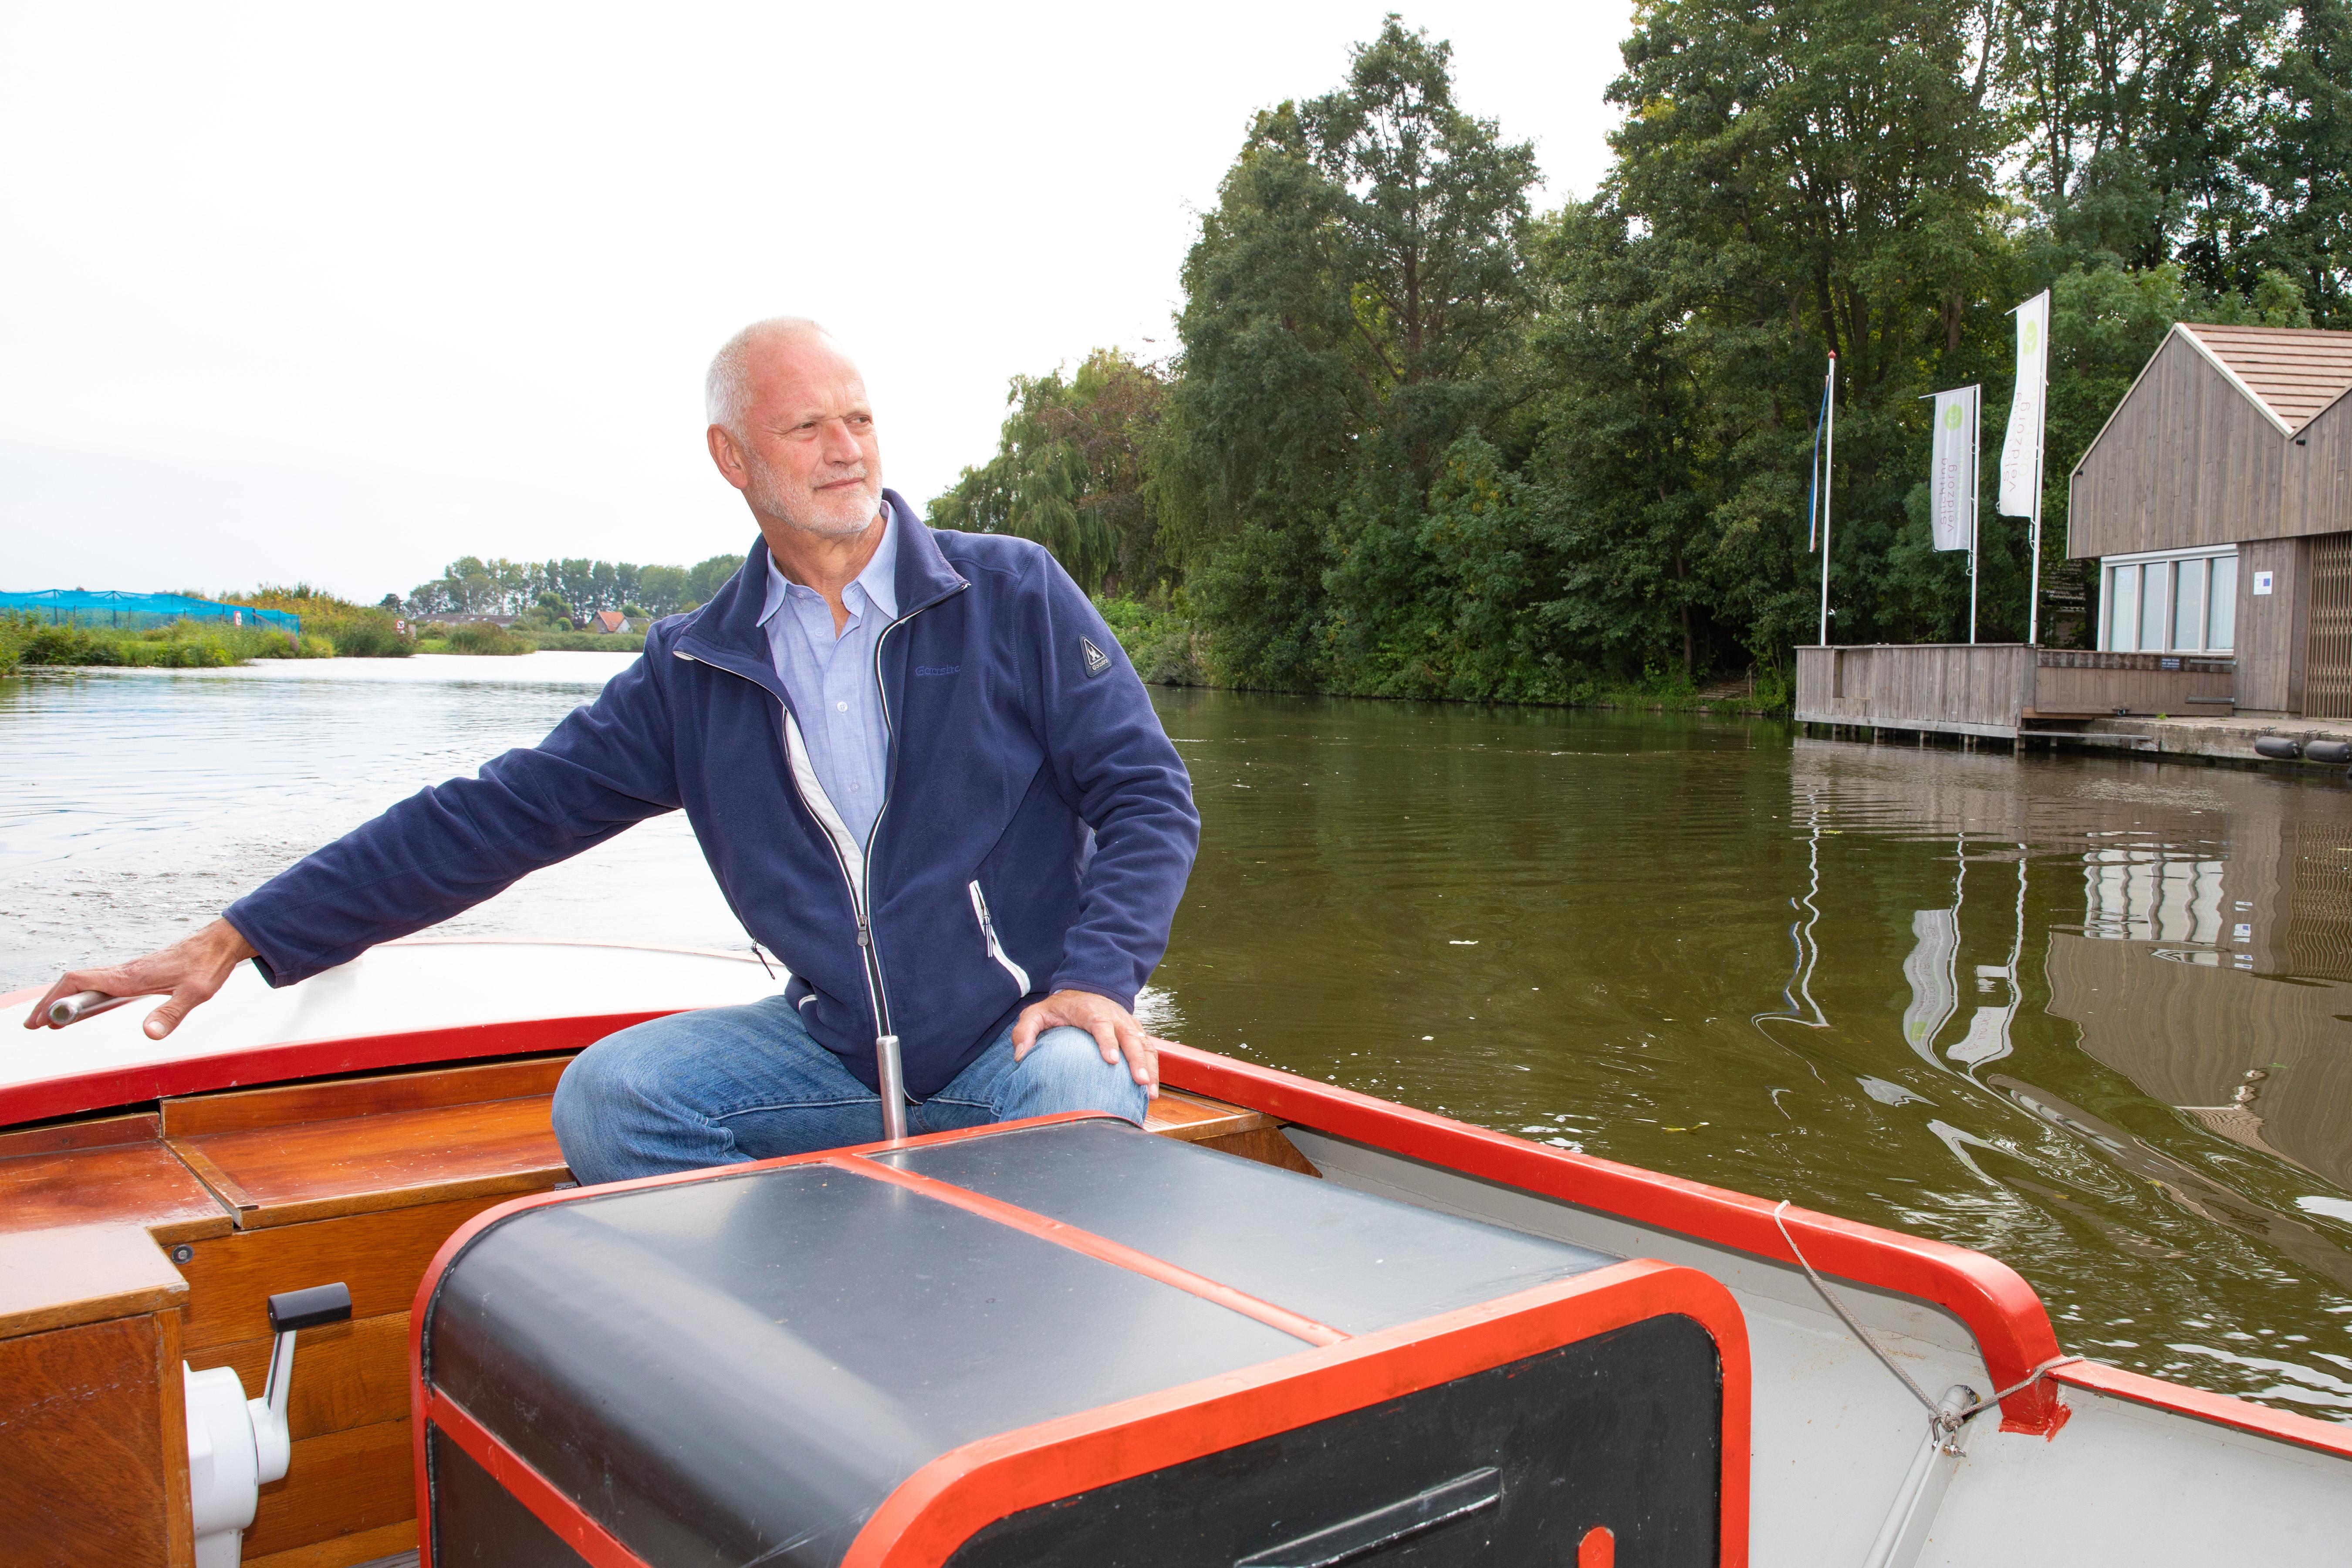 Gerrit Arkesteijn, voorzitter van stichting Veldzorg Oosterdel, met op de achtergrond het gebouw van Veldzorg. (Foto's Vincent de Vries/RM) rodi.nl © rodi